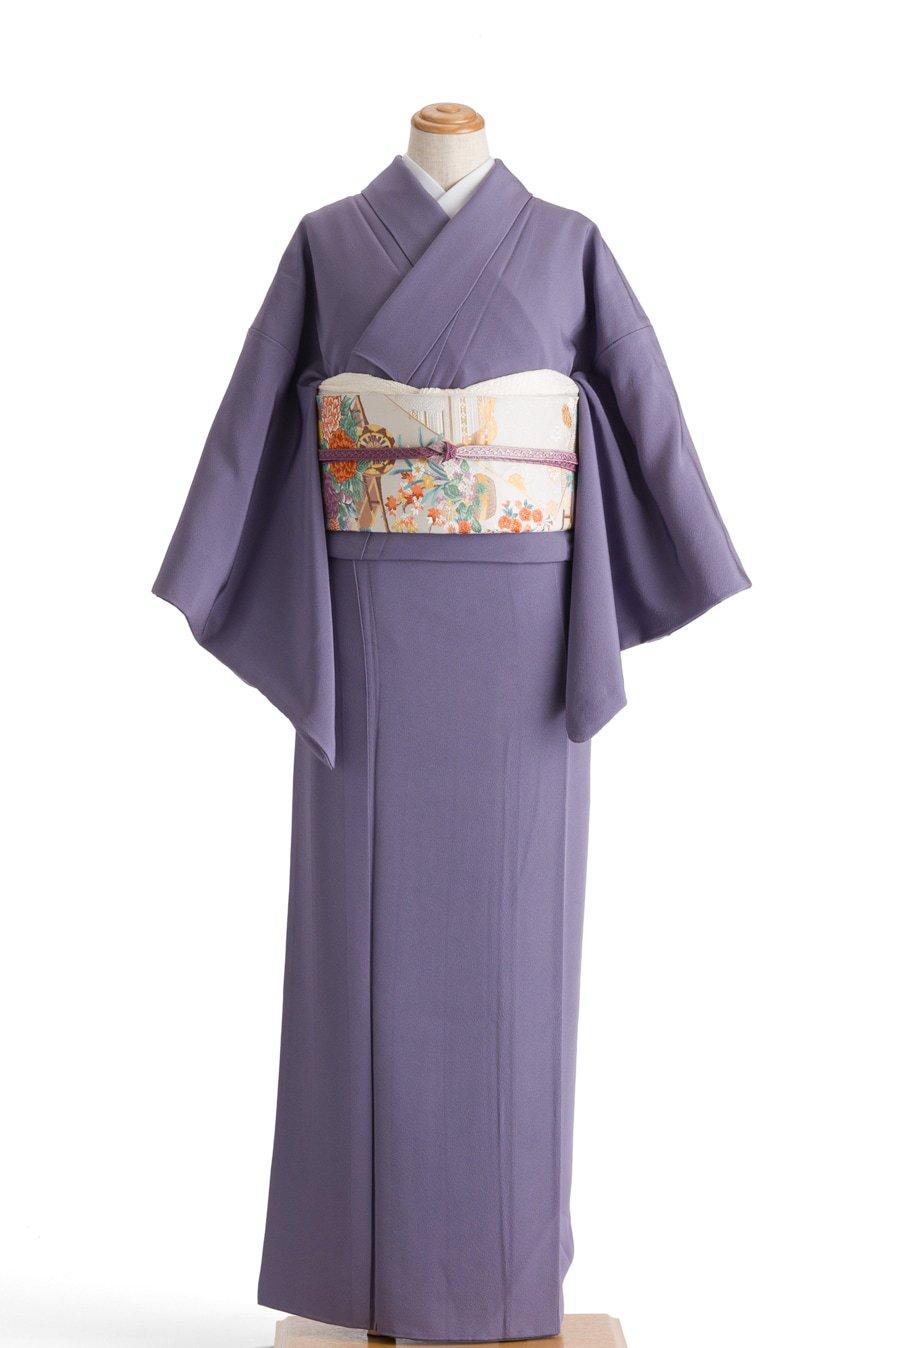 「色無地 一つ紋 紫苑色」の商品画像